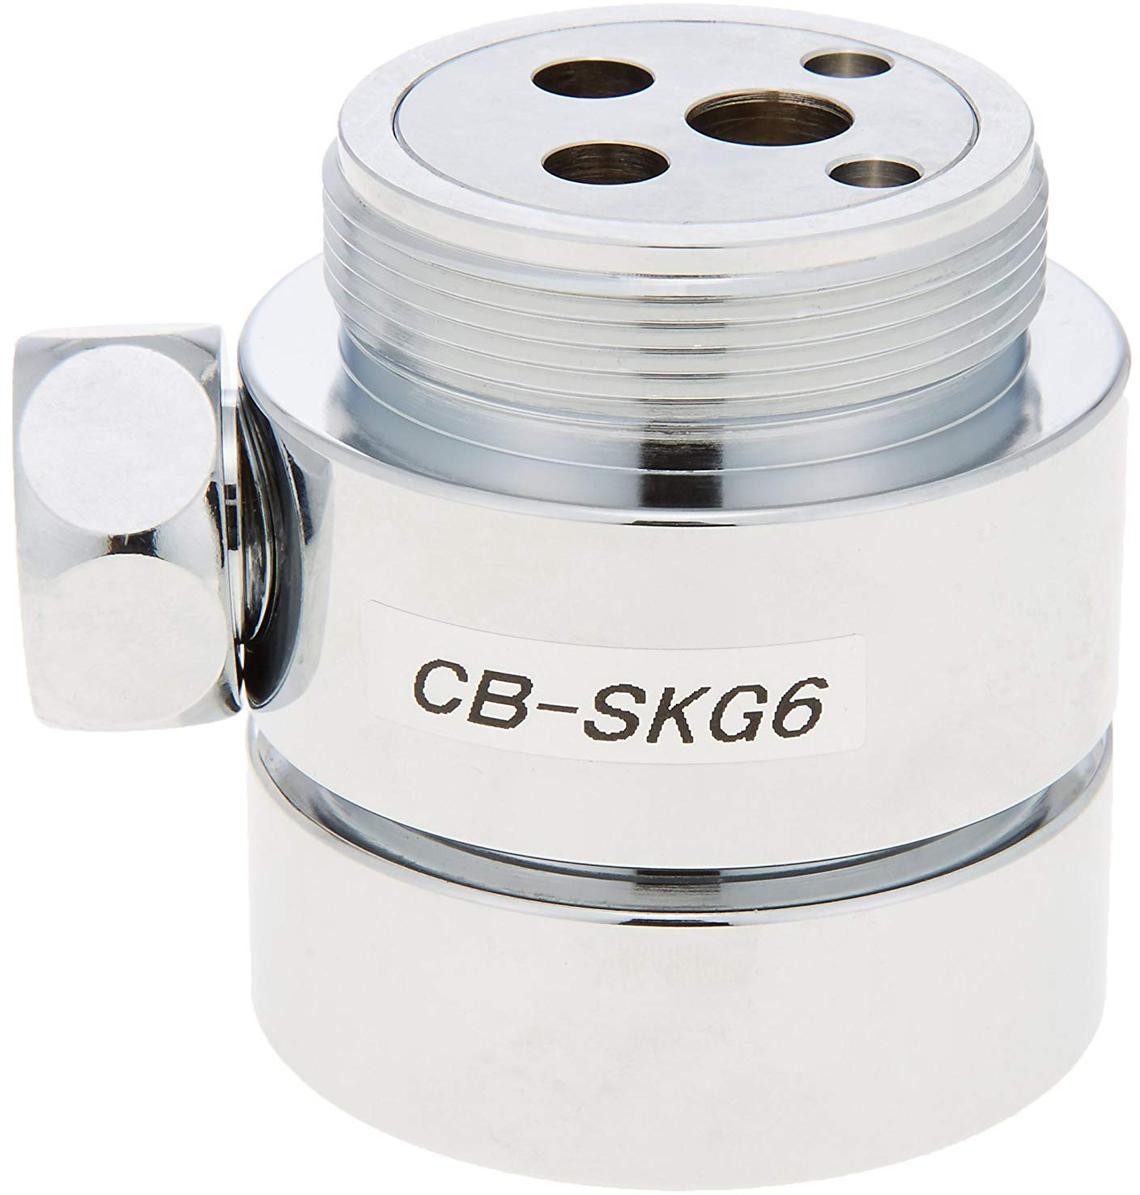 《あす楽》◆15時迄出荷OK!パナソニック 分岐水栓【CB-SKG6】KVK社用